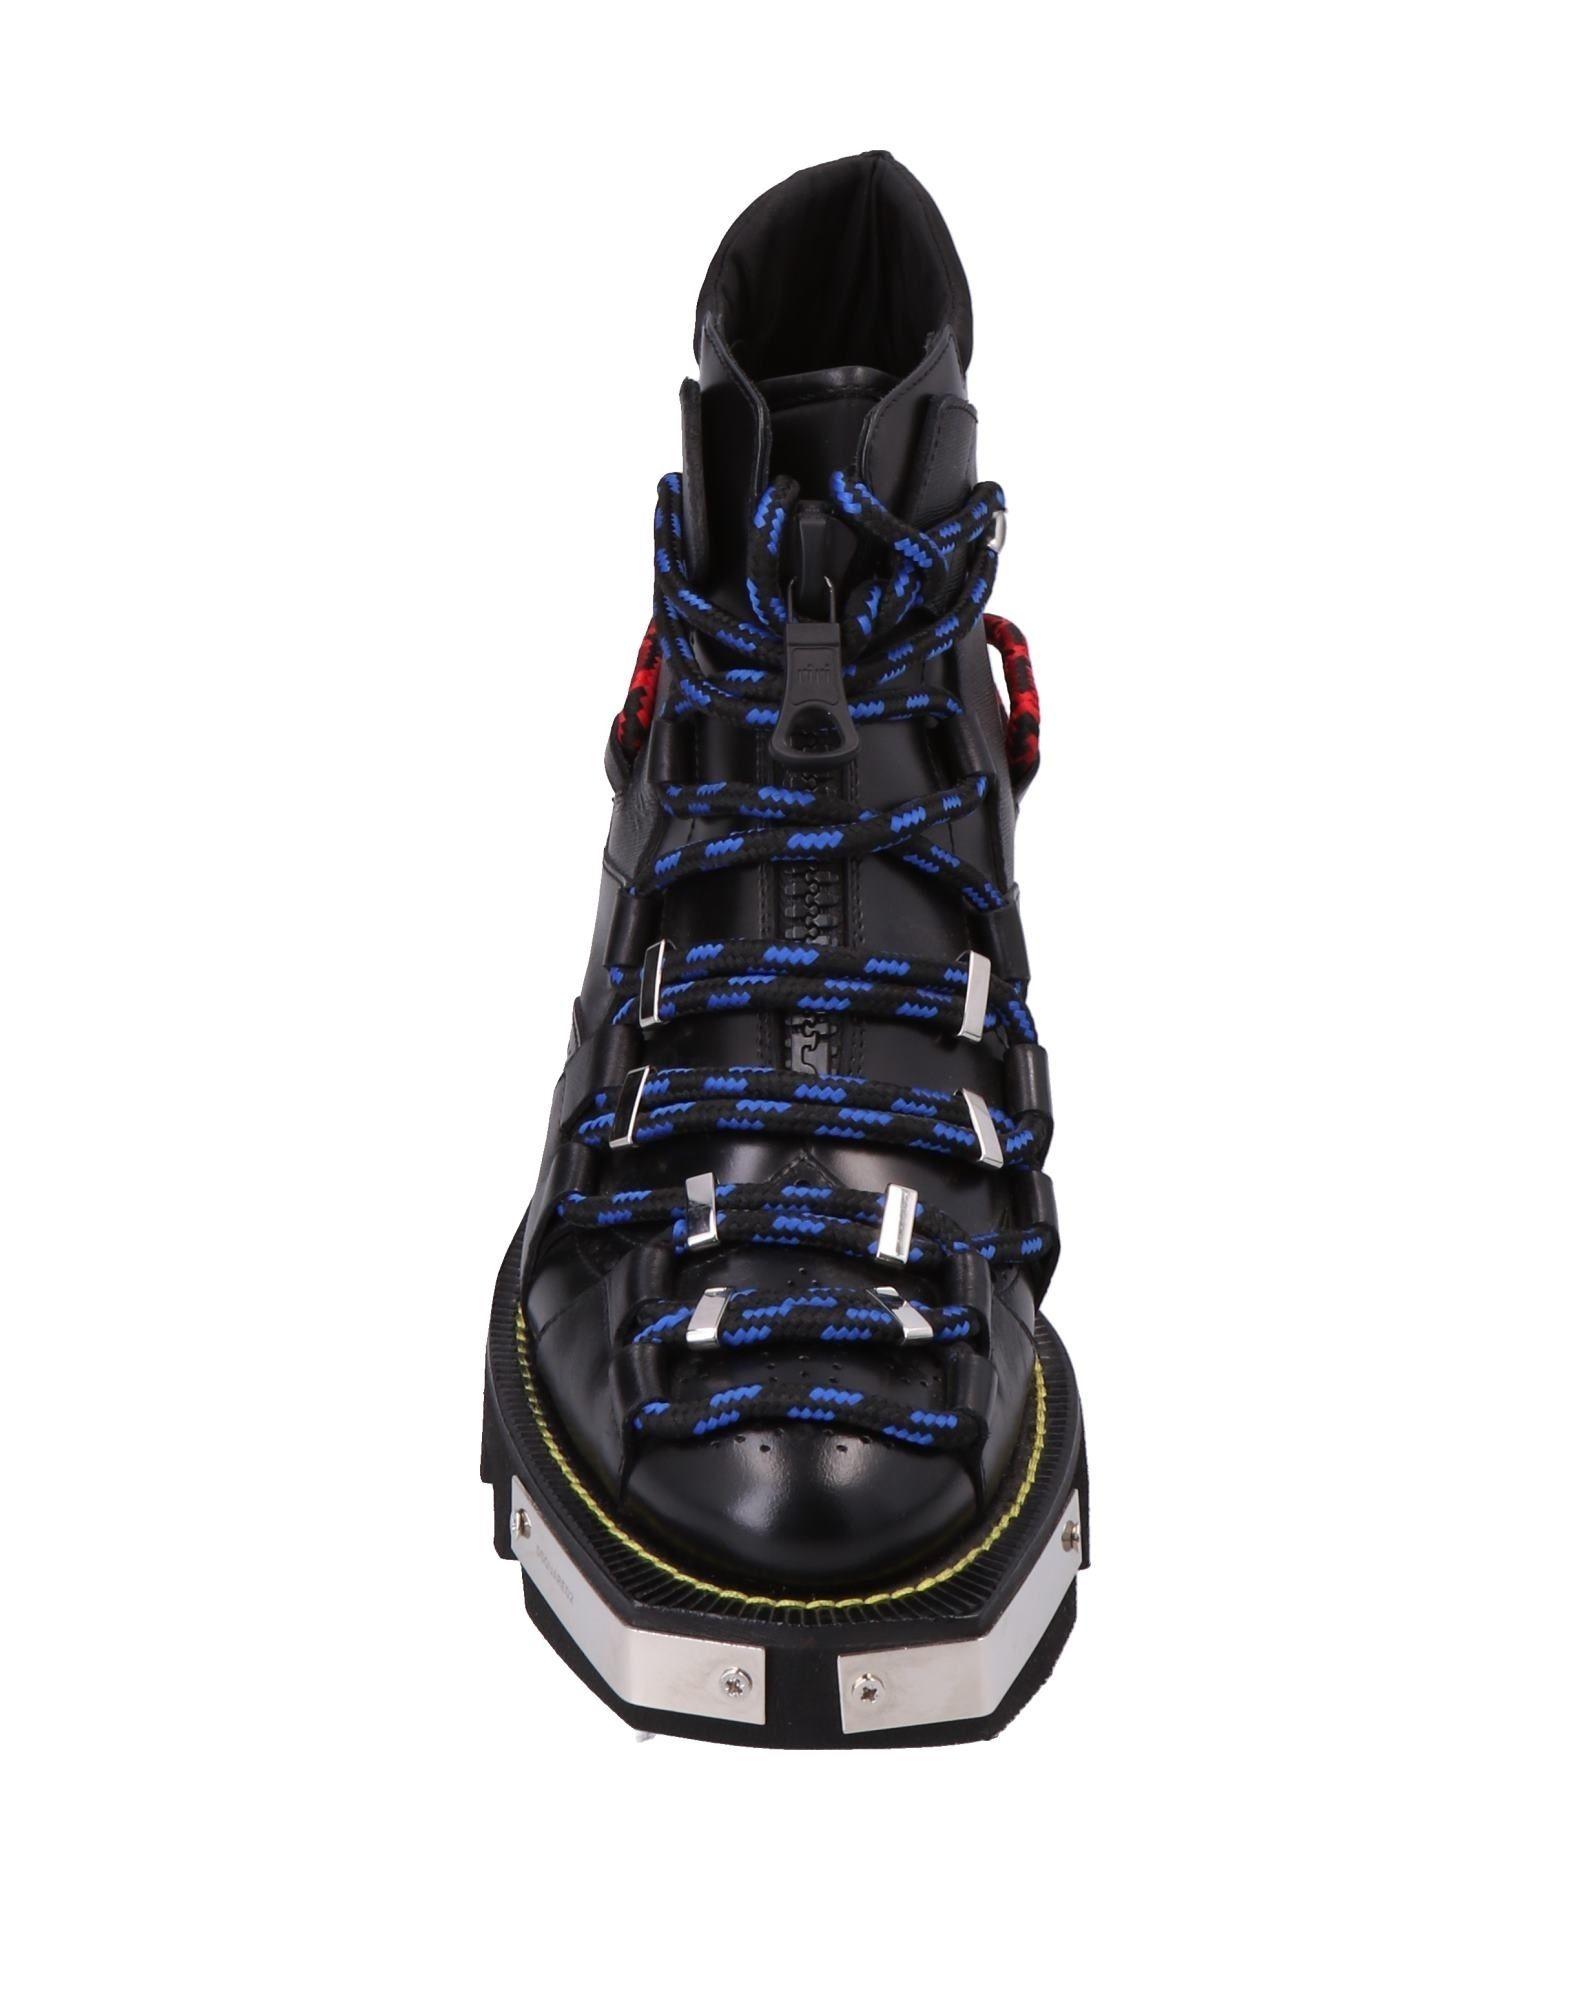 Dsquared2 Boots - Men Men Men Dsquared2 Boots online on  Canada - 11553912SG b92ef8